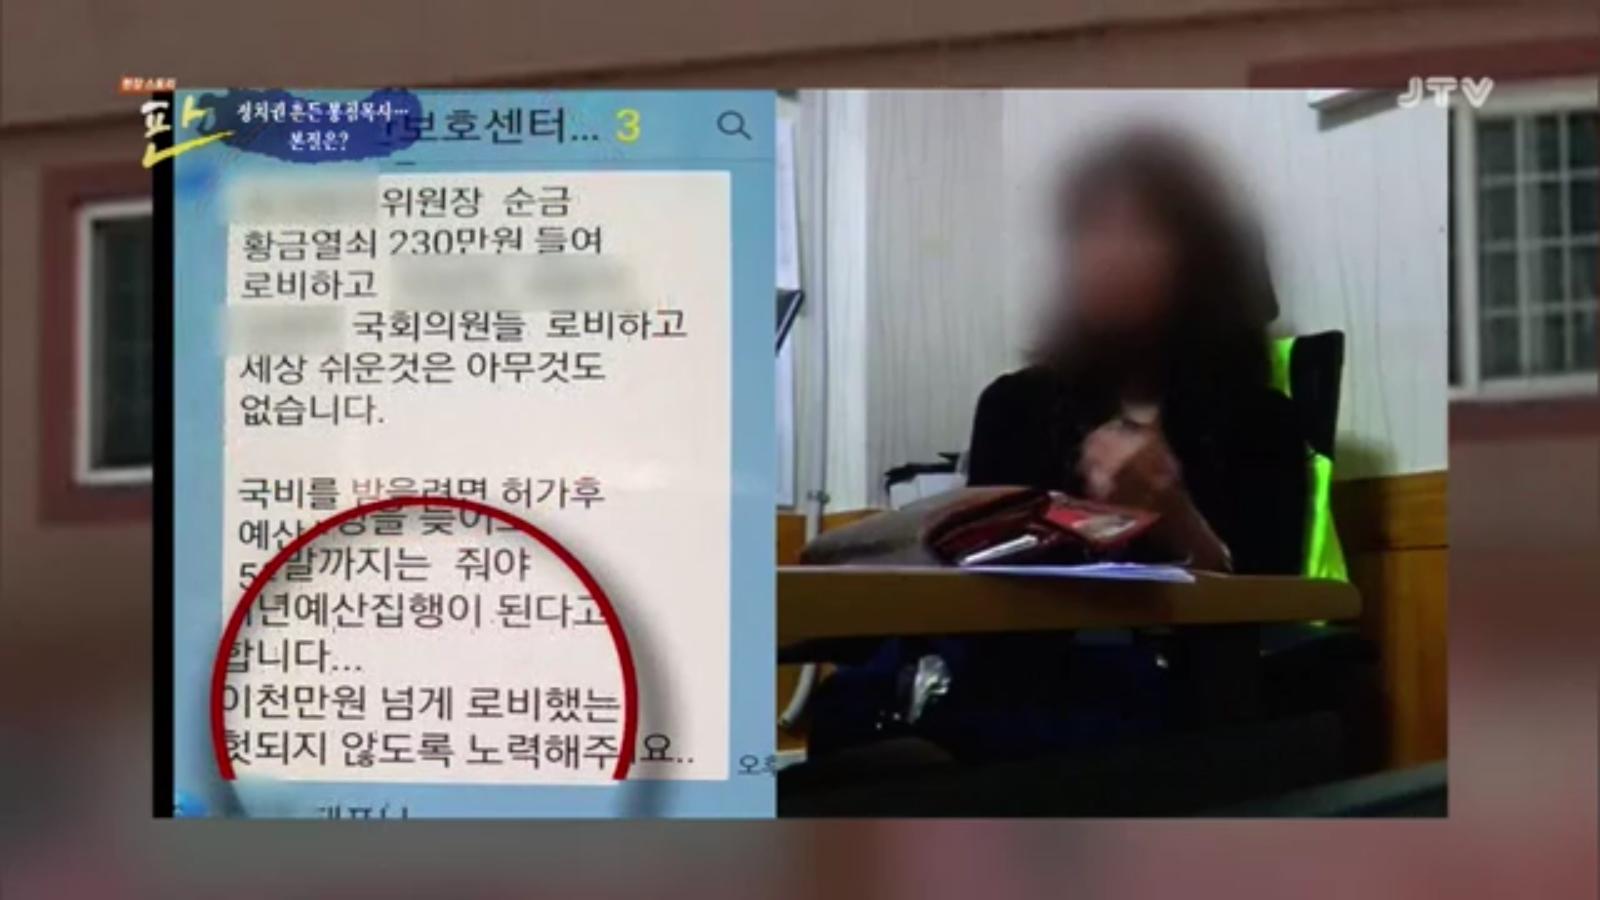 [18.4.13 JTV] 전주 봉침게이트, 정치권 흔든 봉침목사...본질은18.jpg